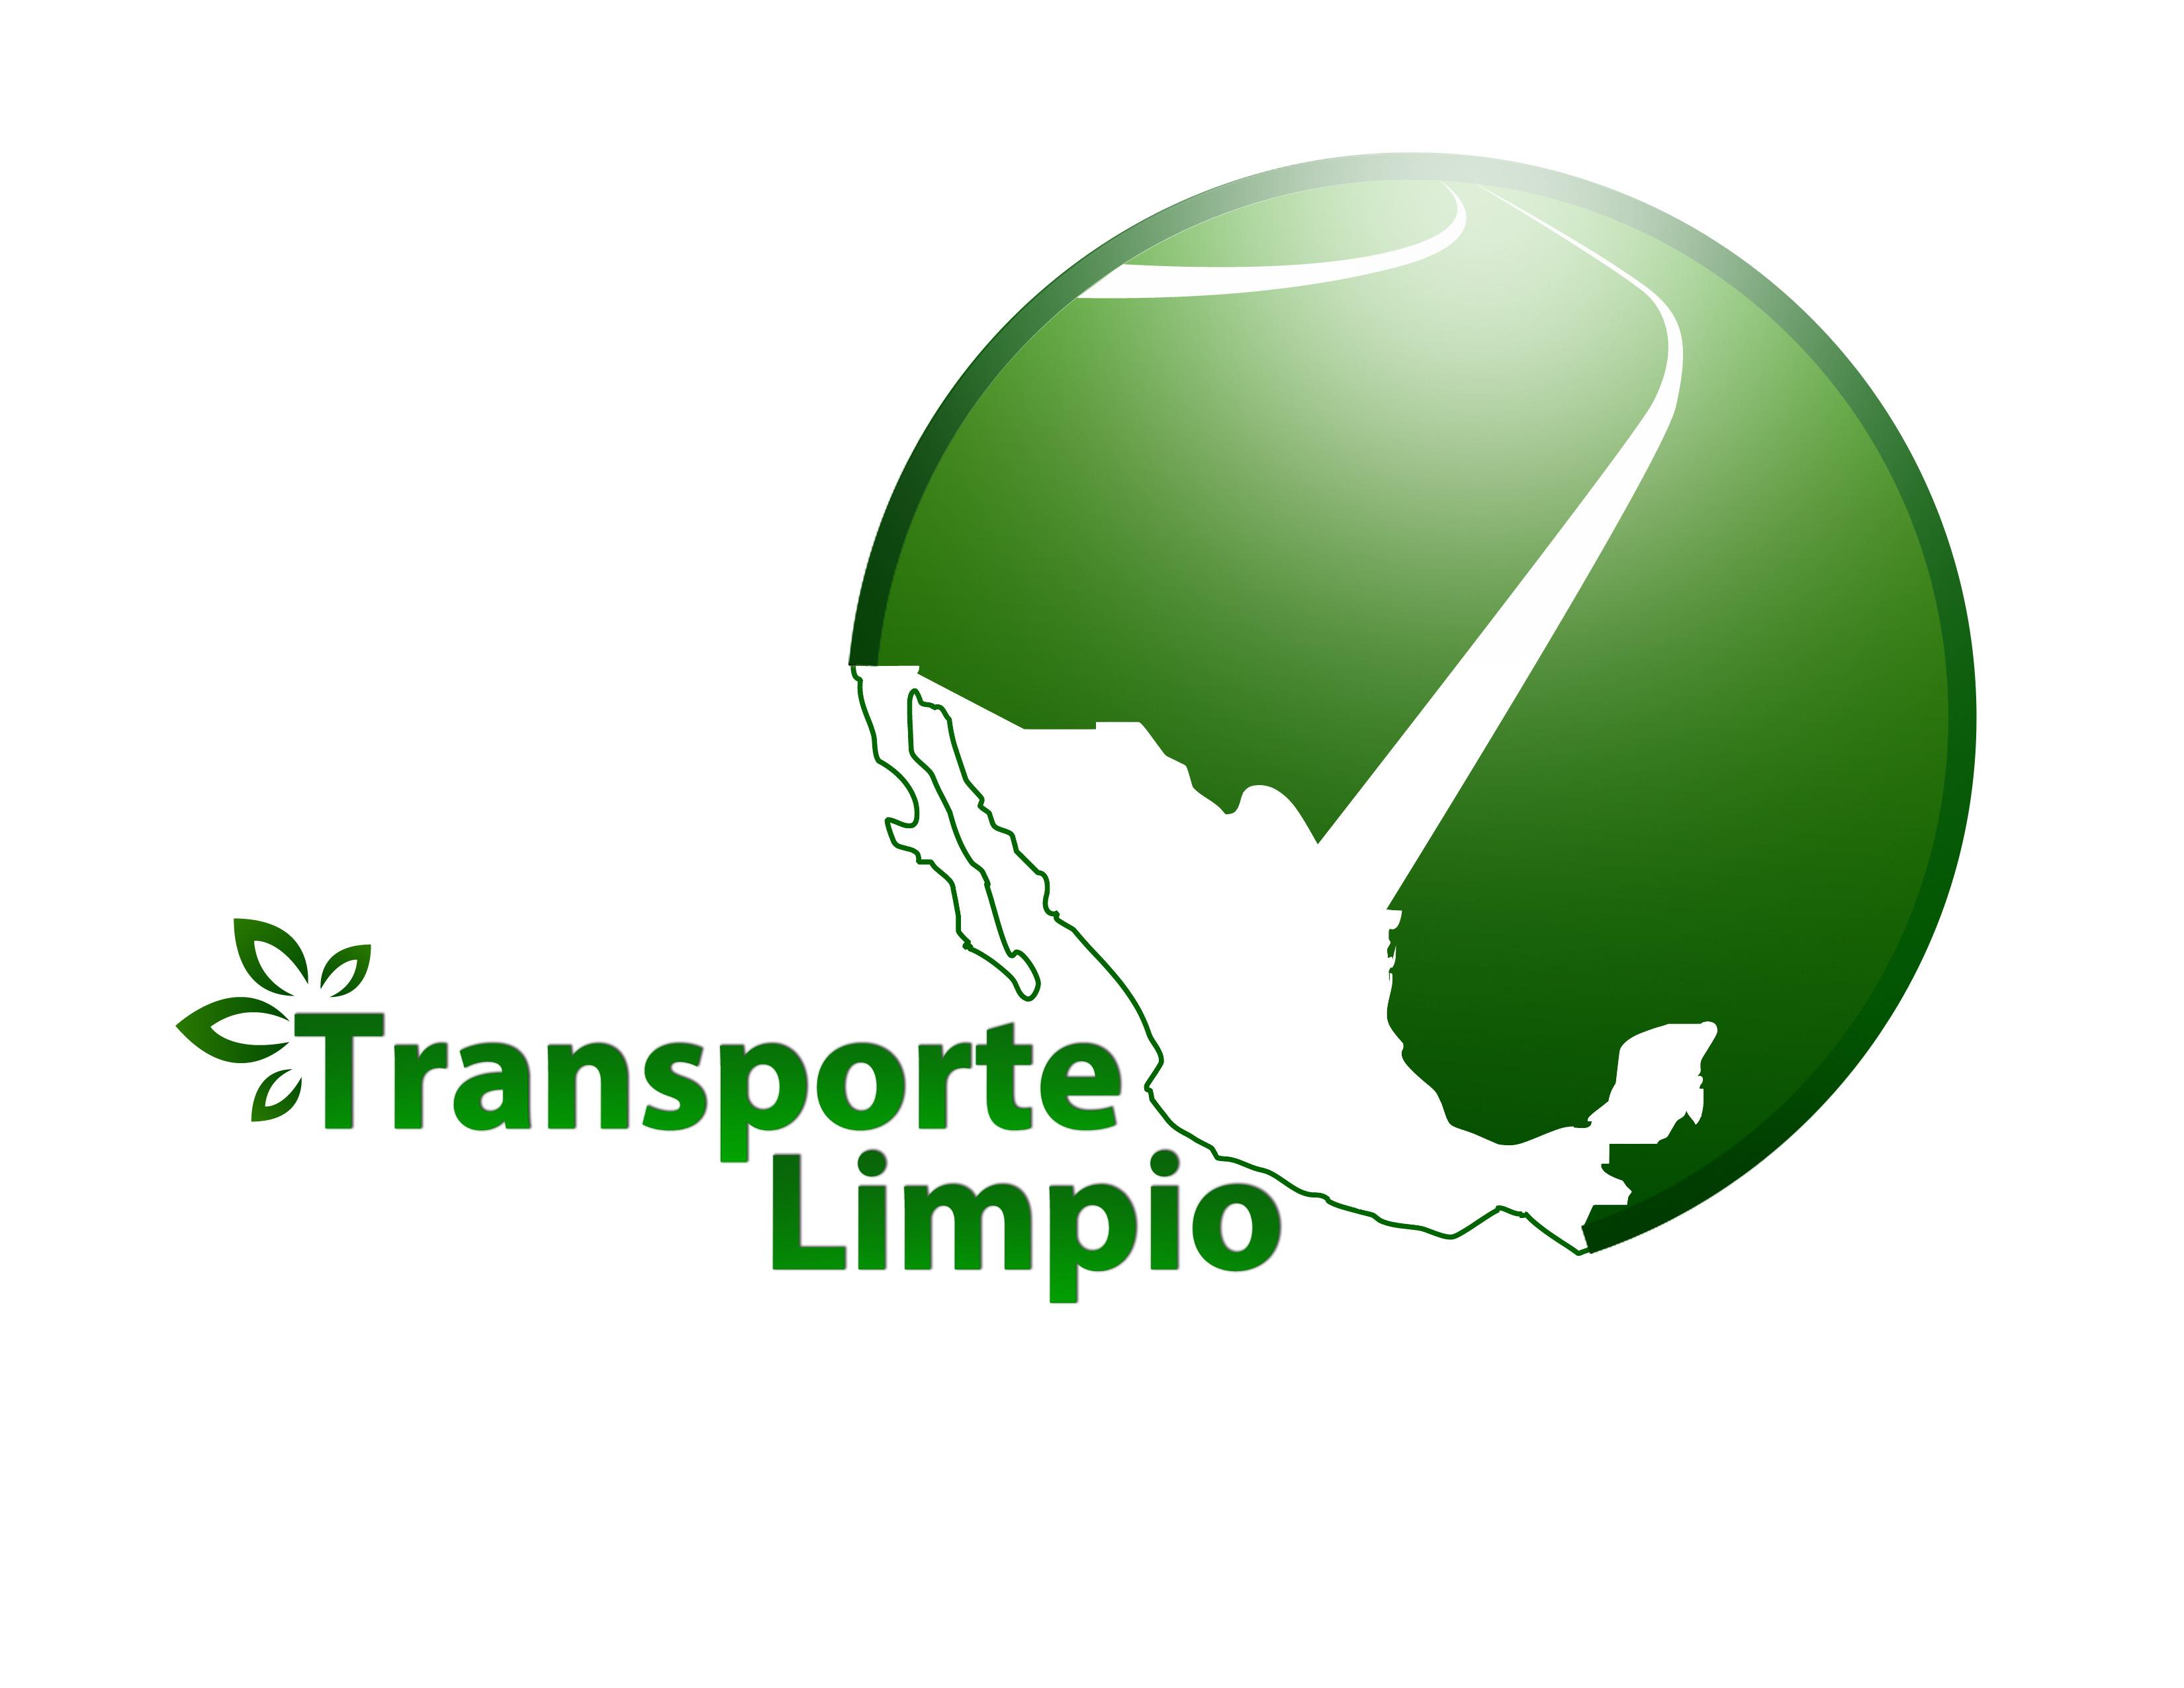 Transporte limpio